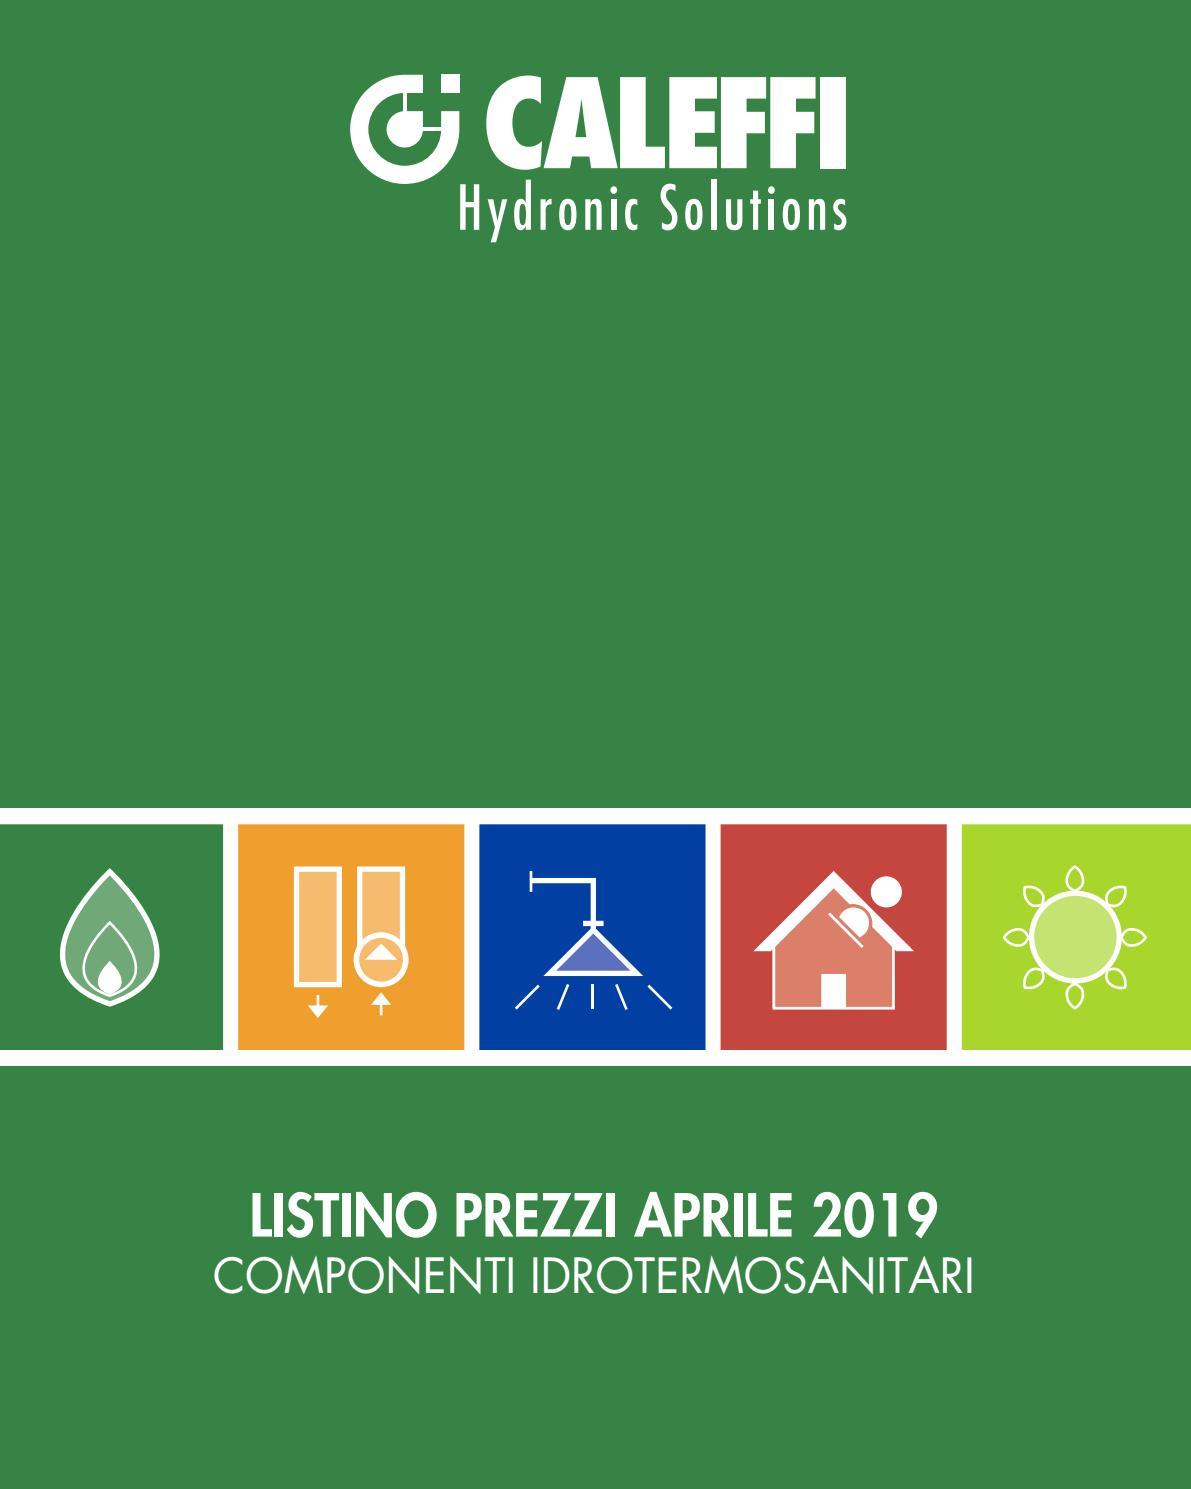 RIDUTTORE DI PRESSIONE 5334 CALEFFI INCLINATO DIAMETRO 1//2 CON ATTACCO MANOMETRO